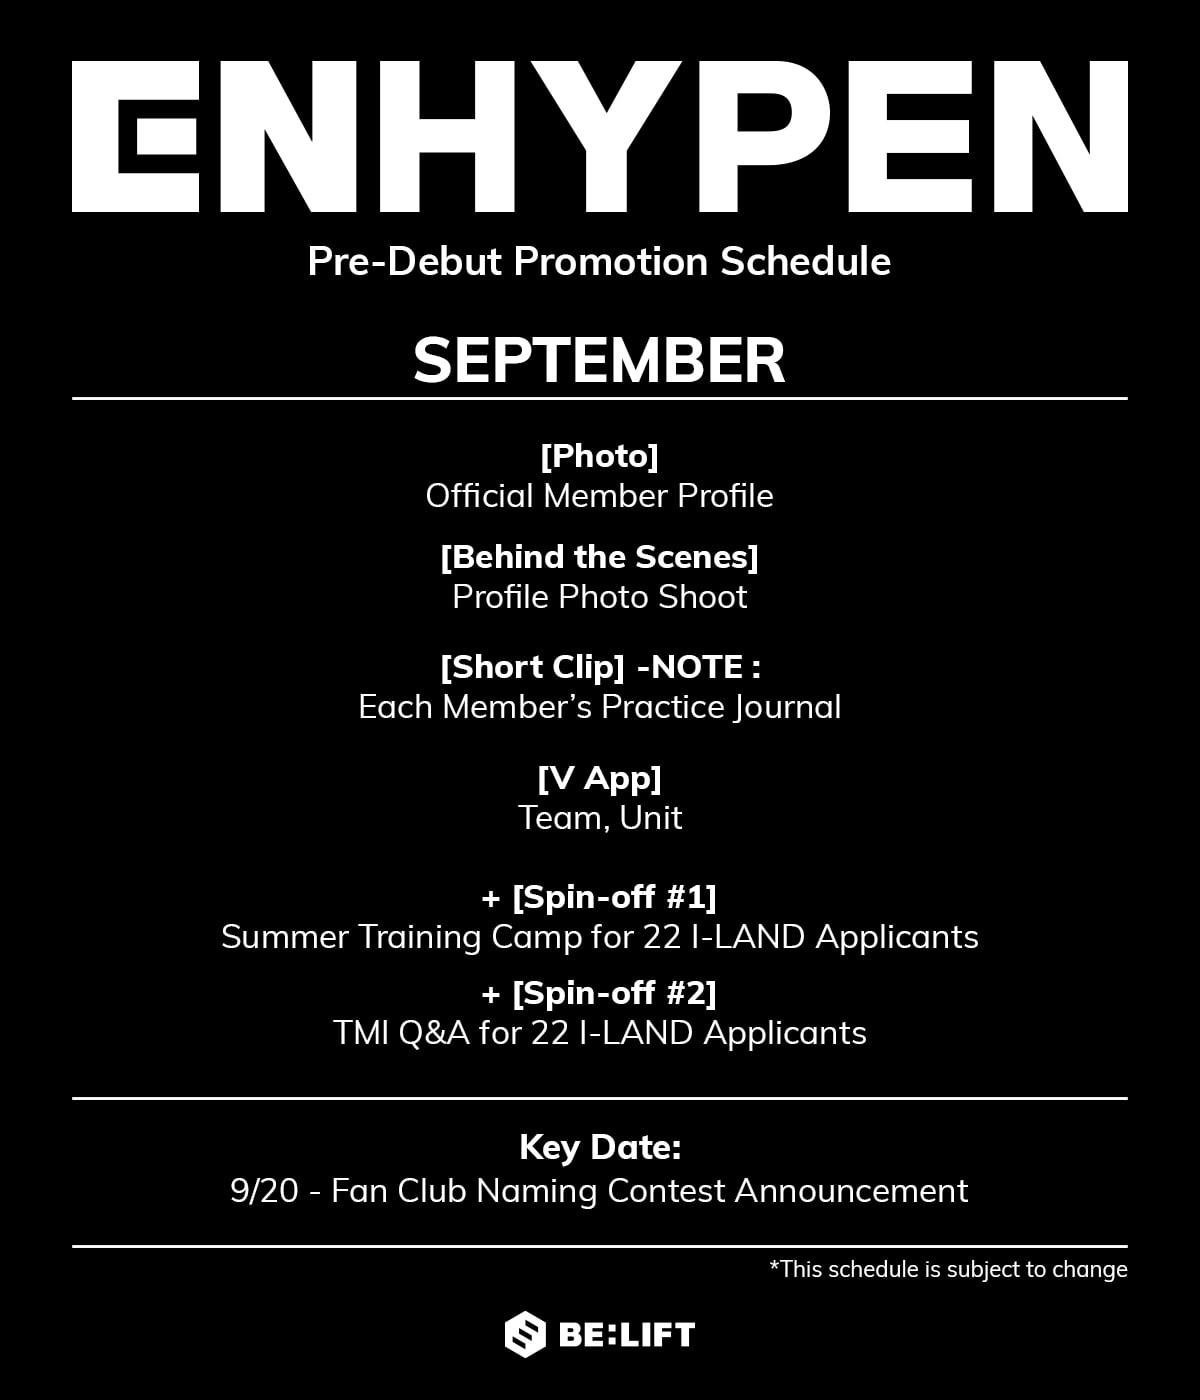 ENHYPEN Schedule